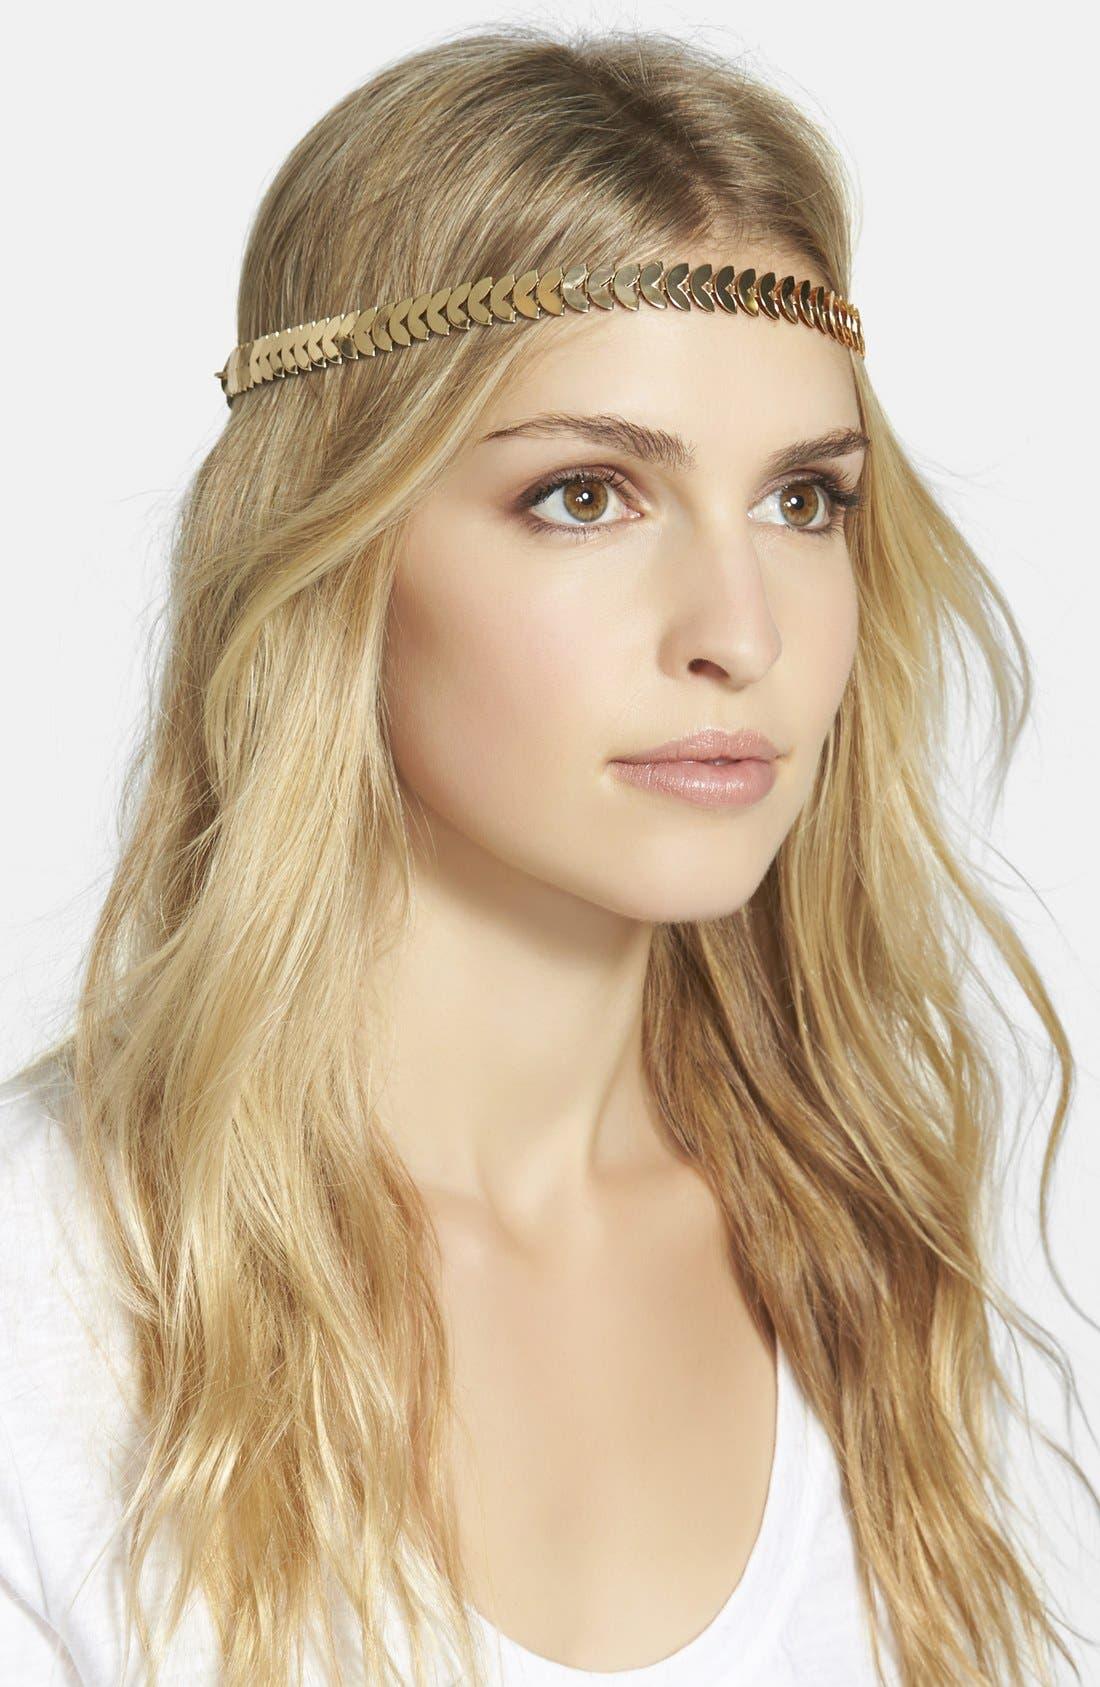 Alternate Image 1 Selected - Tasha 'Strands of Leaves' Headband